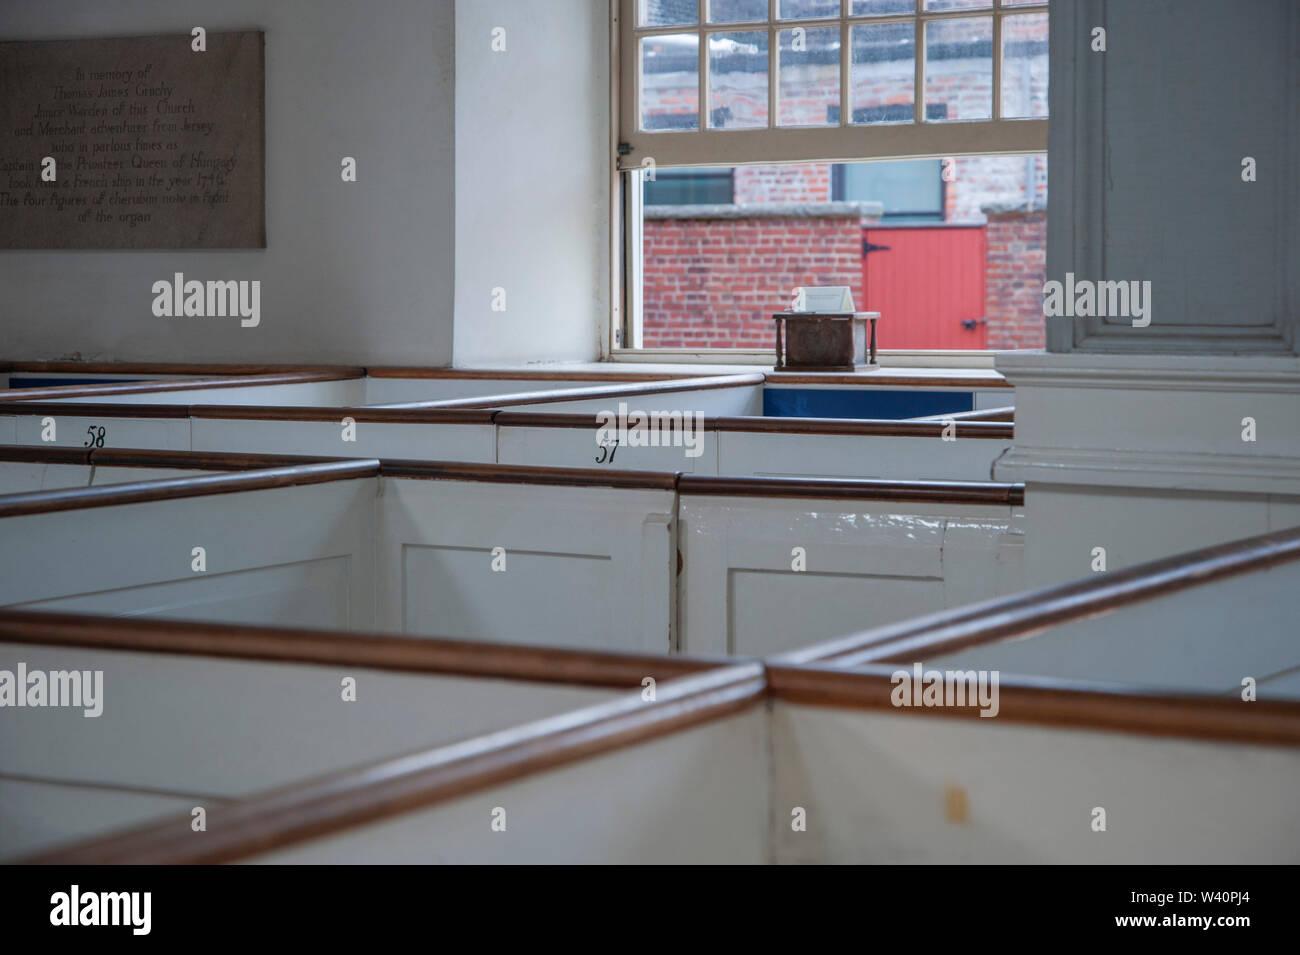 Old North Church interior, Boston Stock Photo